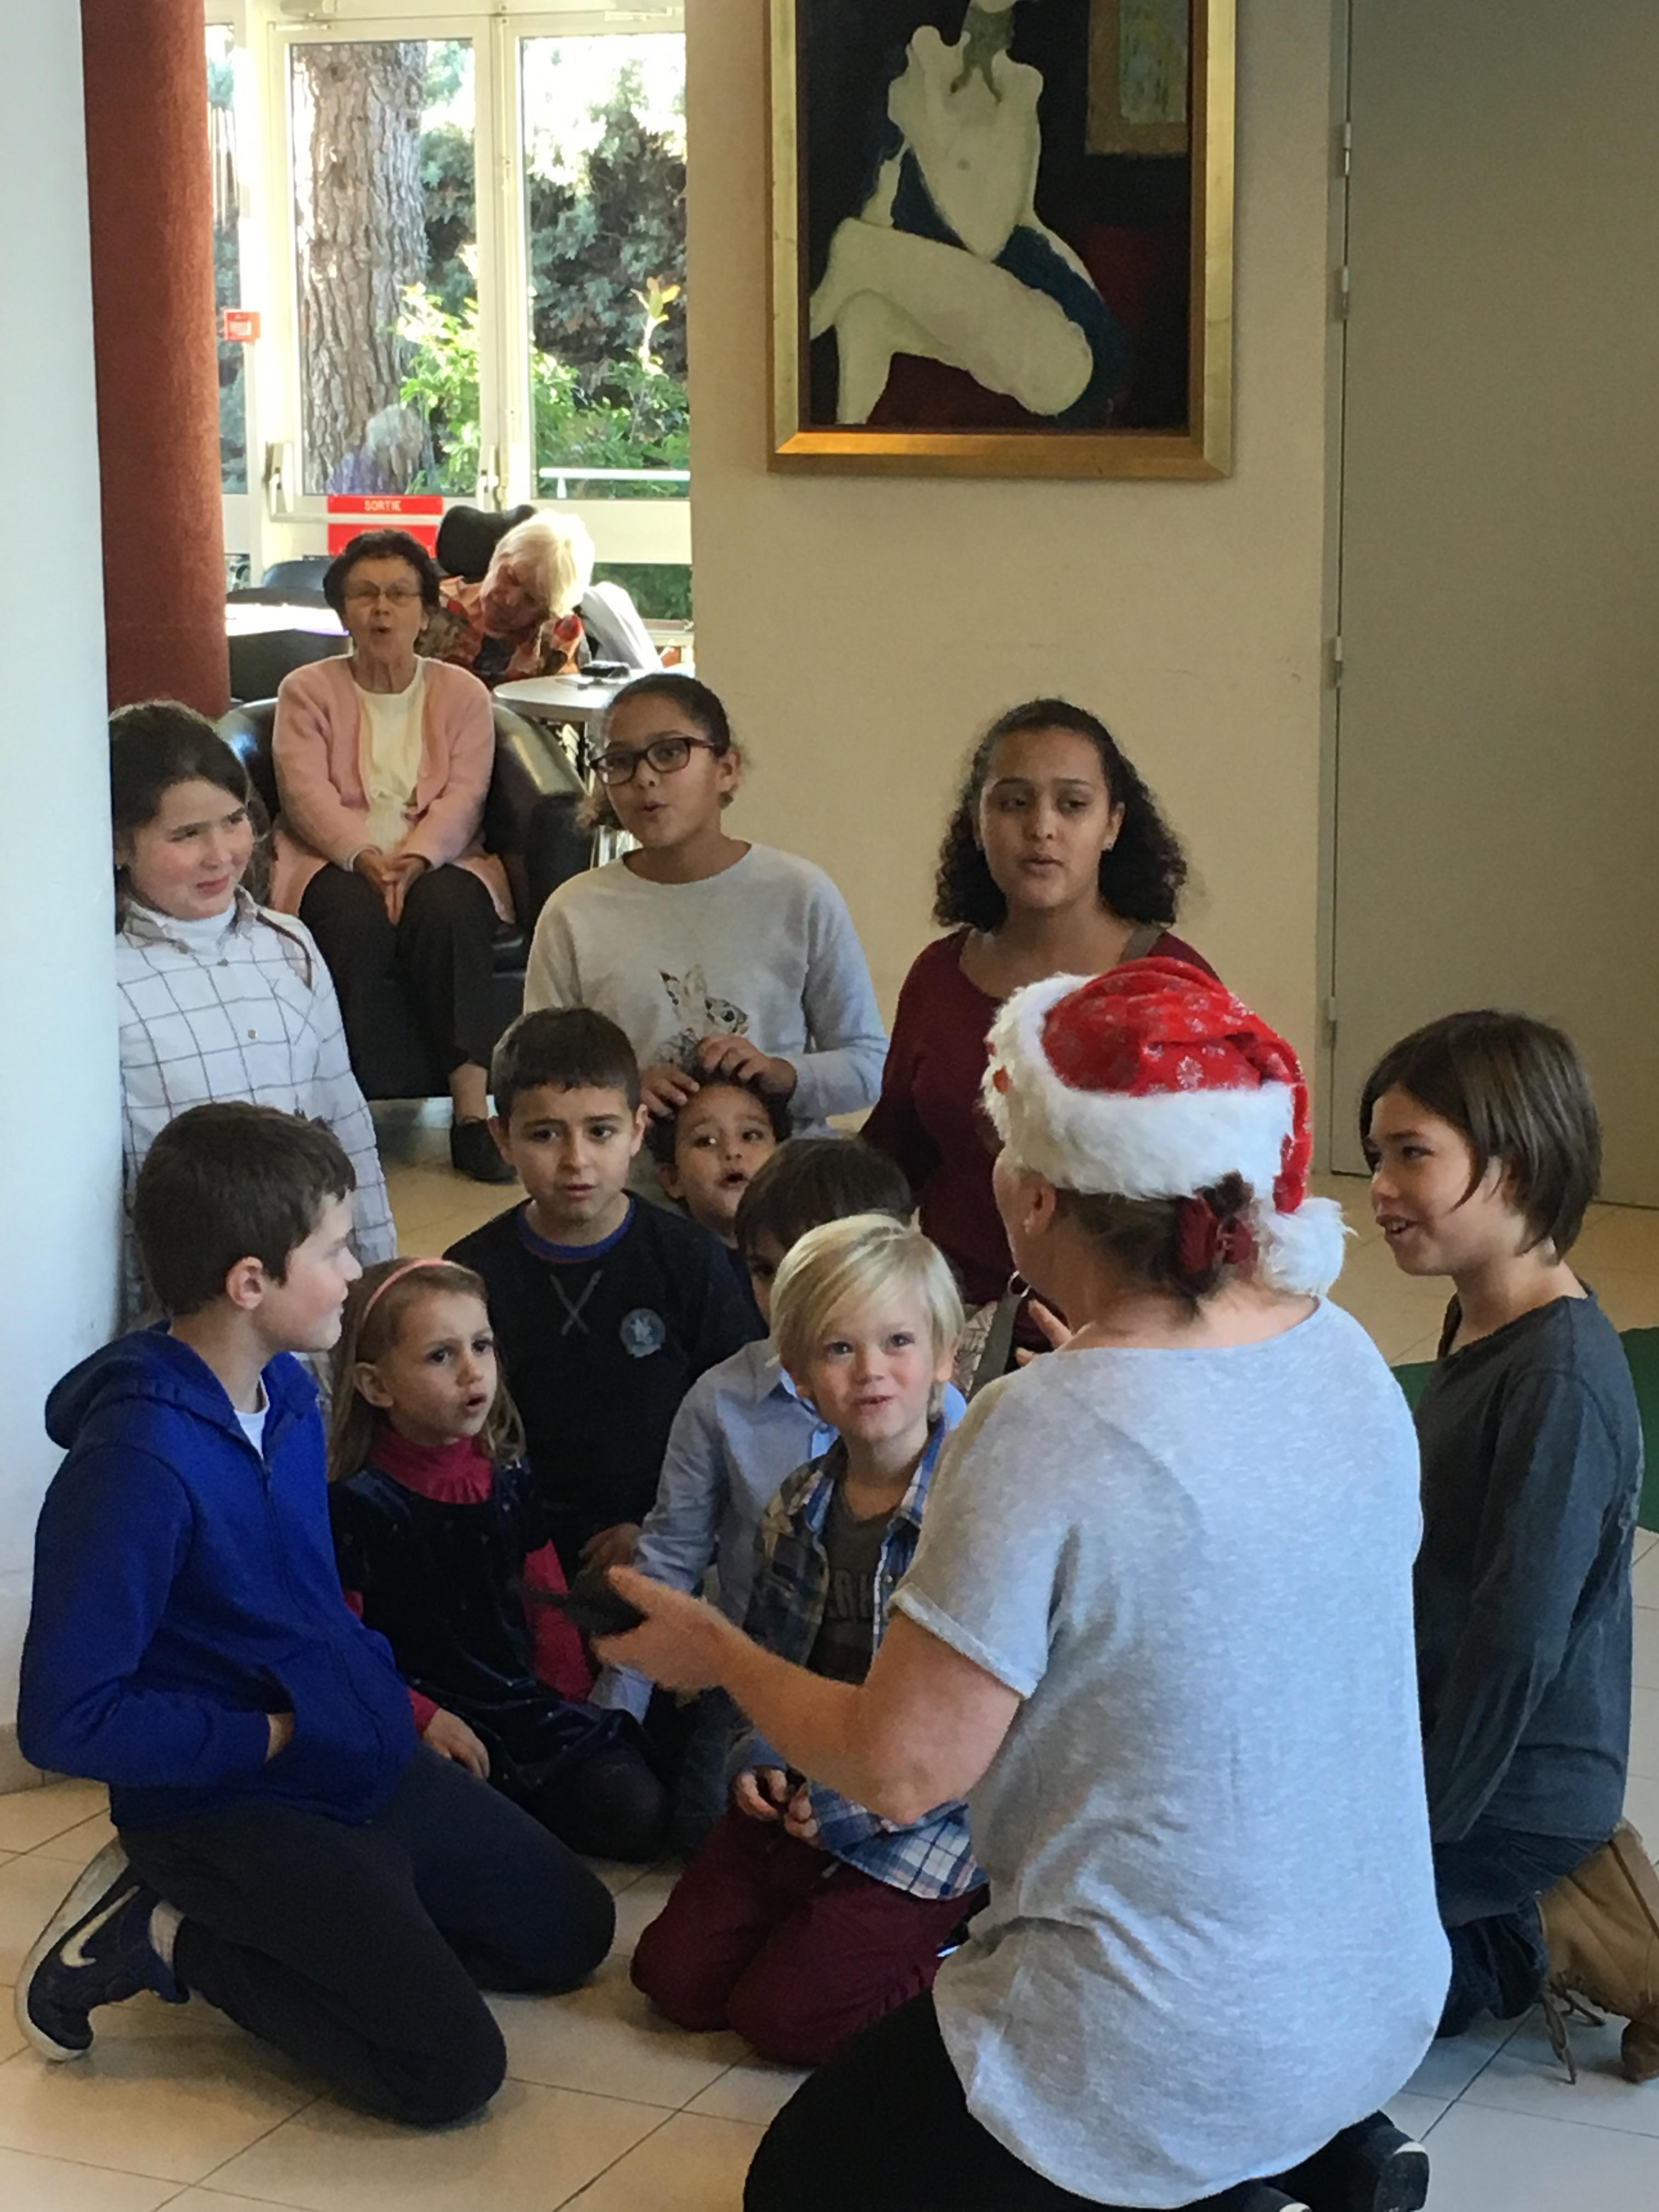 La magie de Noël avec les enfants